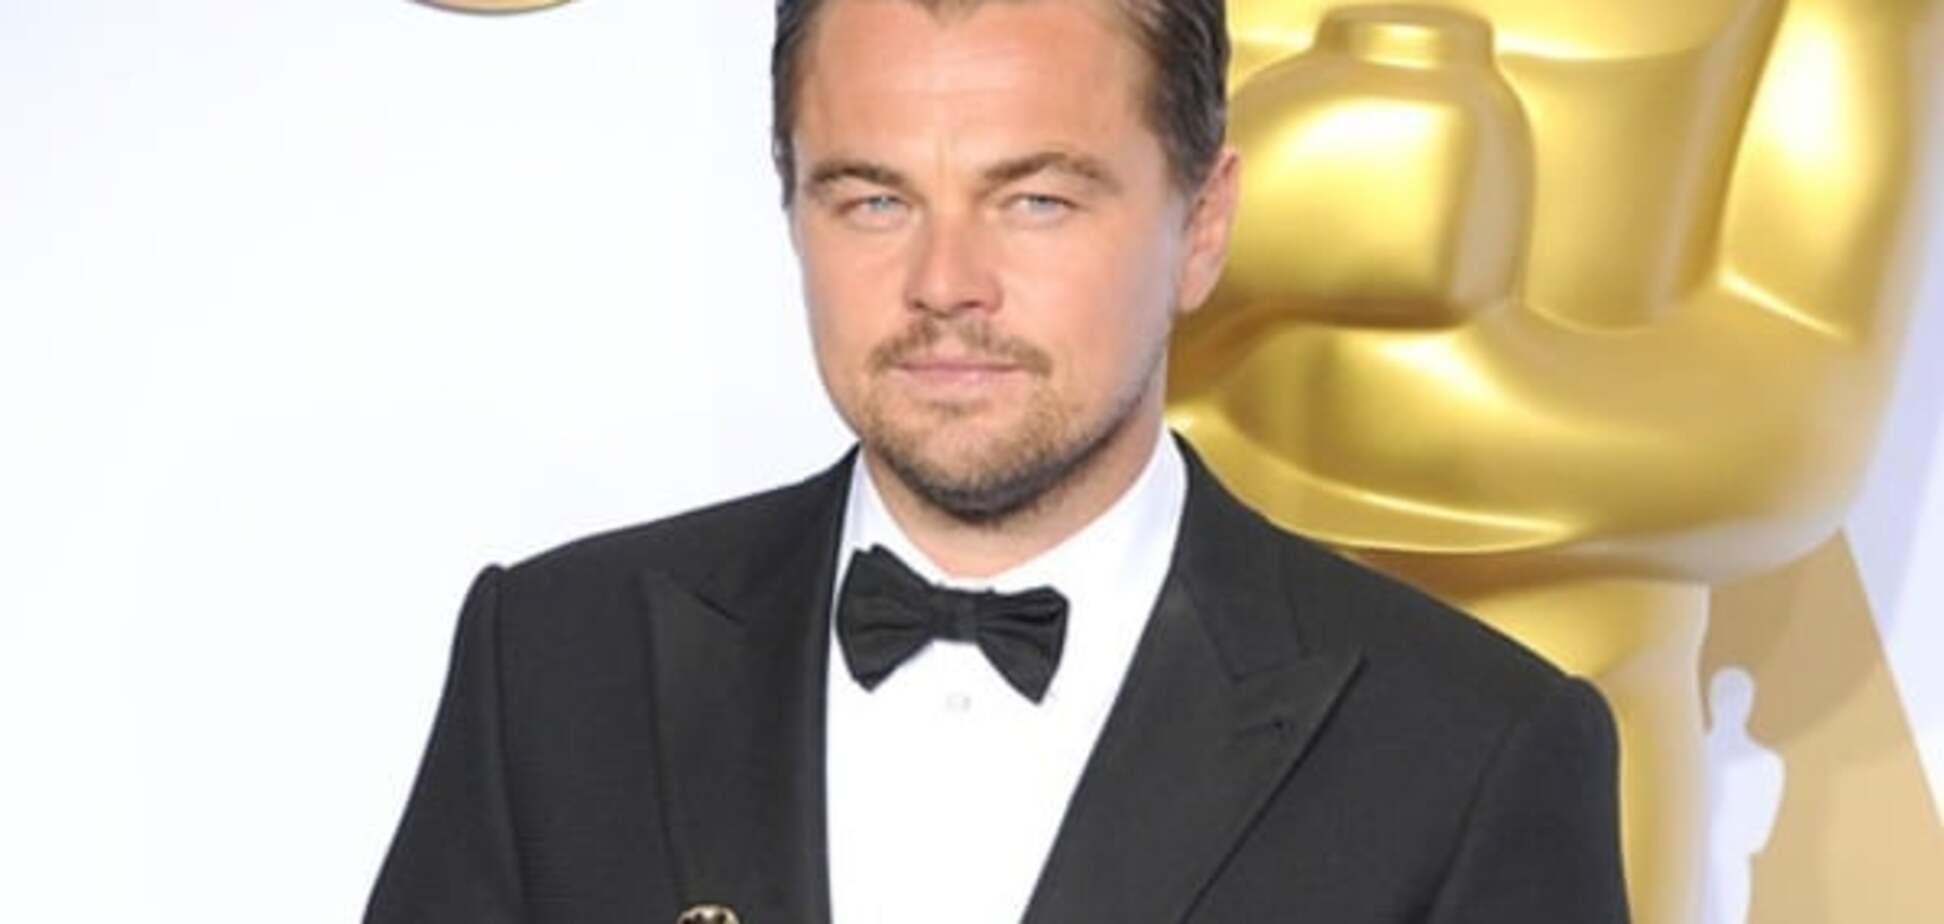 ДиКаприо забыл 'Оскар' в ресторане: опубликовано видео